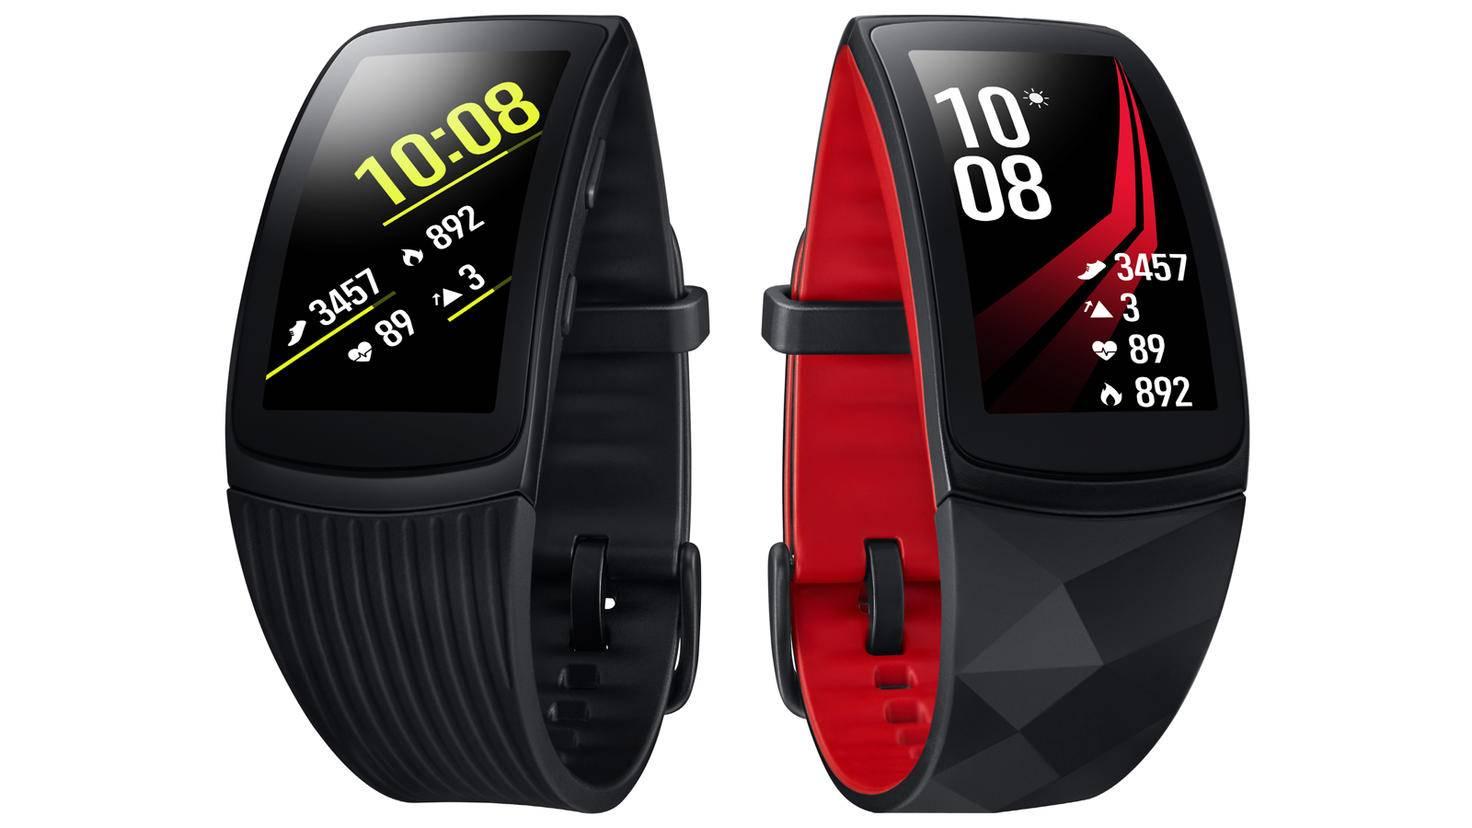 Eine minimale Verbesserung erhielt die Samsung Gear Fit 2 Pro.